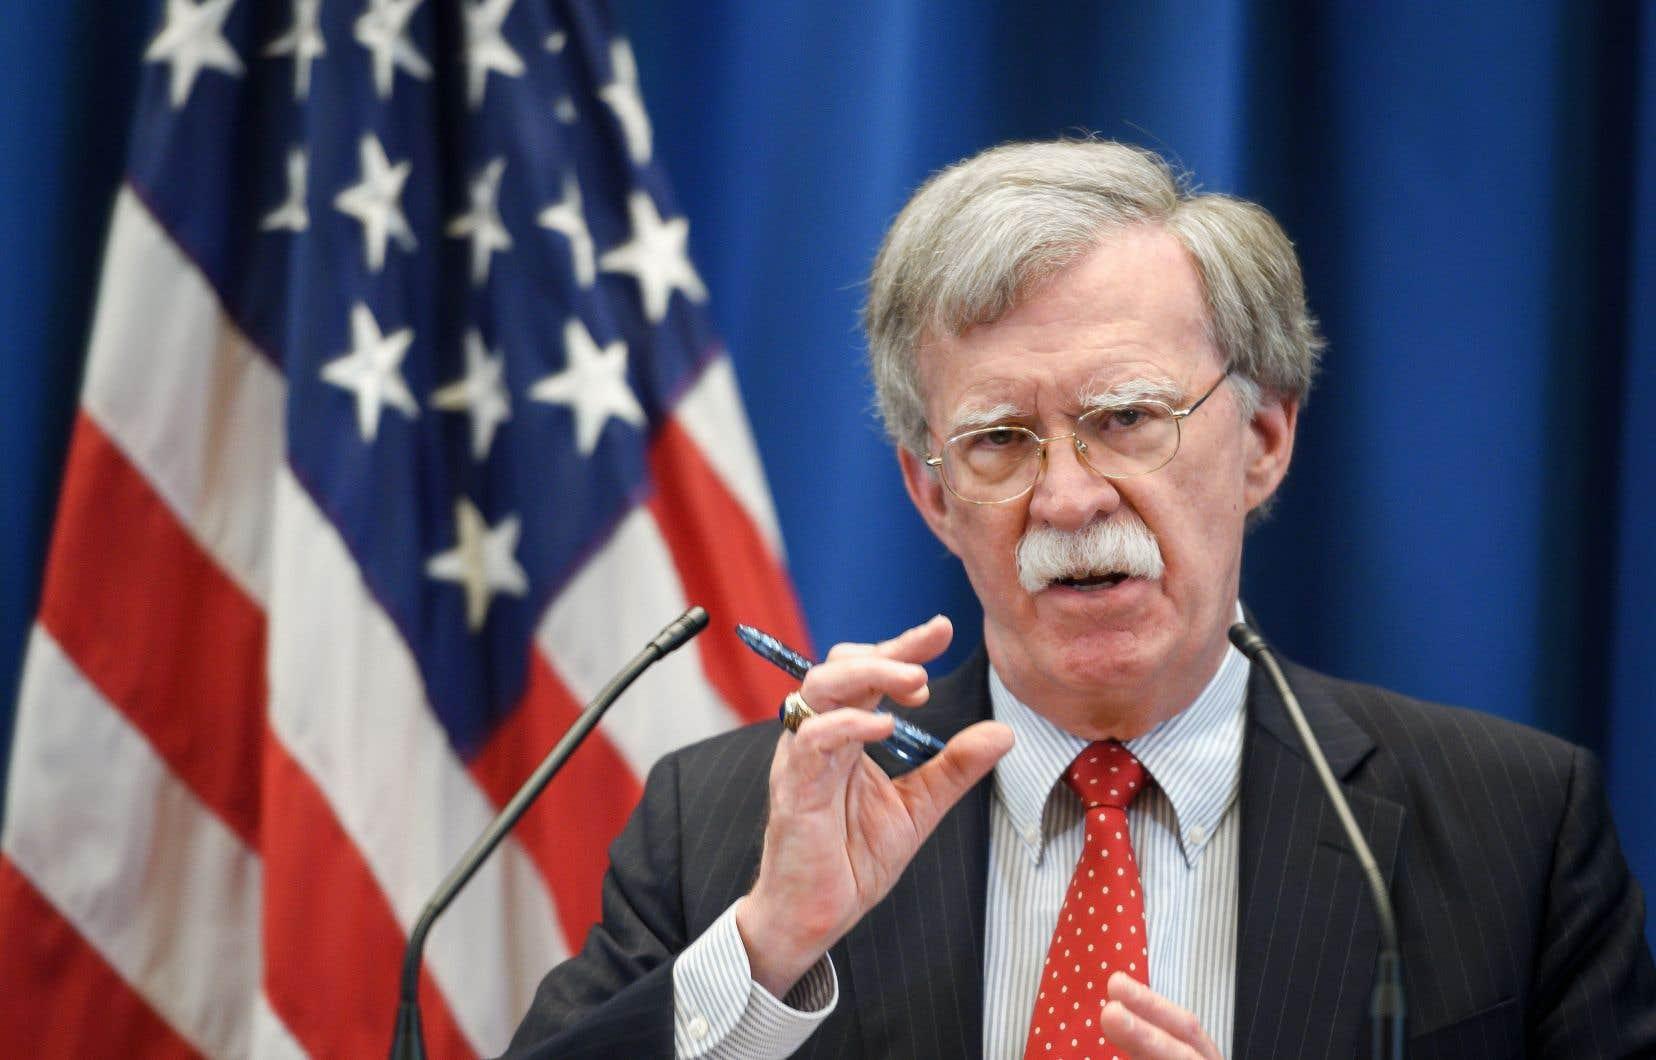 Le conseiller à la sécurité nationale américain, John Bolton,s'est exprimé devant les médias à l'issue d'une rencontre de cinq heures à Genève avec le secrétaire général du Conseil de sécurité russe, Nikolaï Patrouchev.